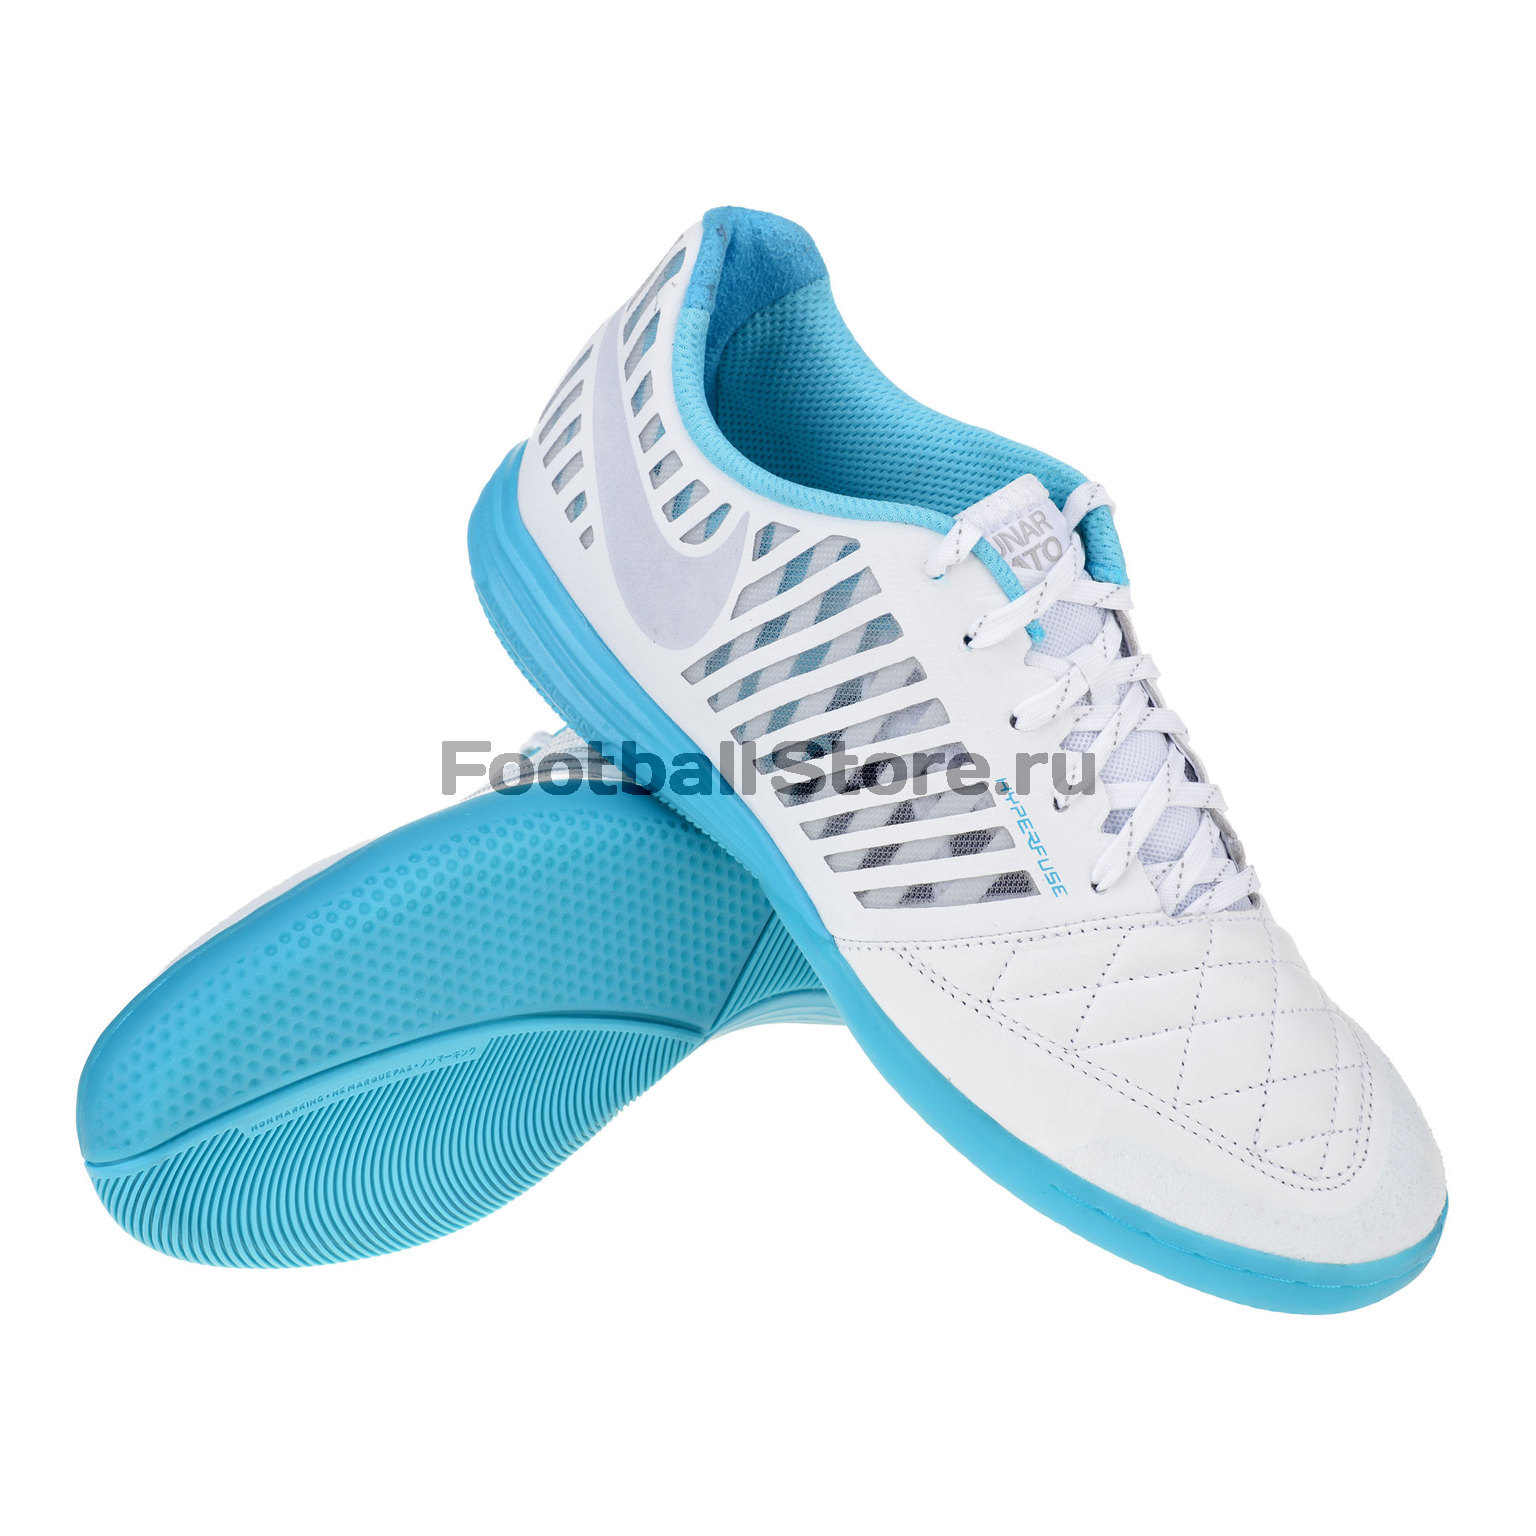 Обувь для зала Nike Обувь для зала Nike Lunargato II REF IC 631437-104